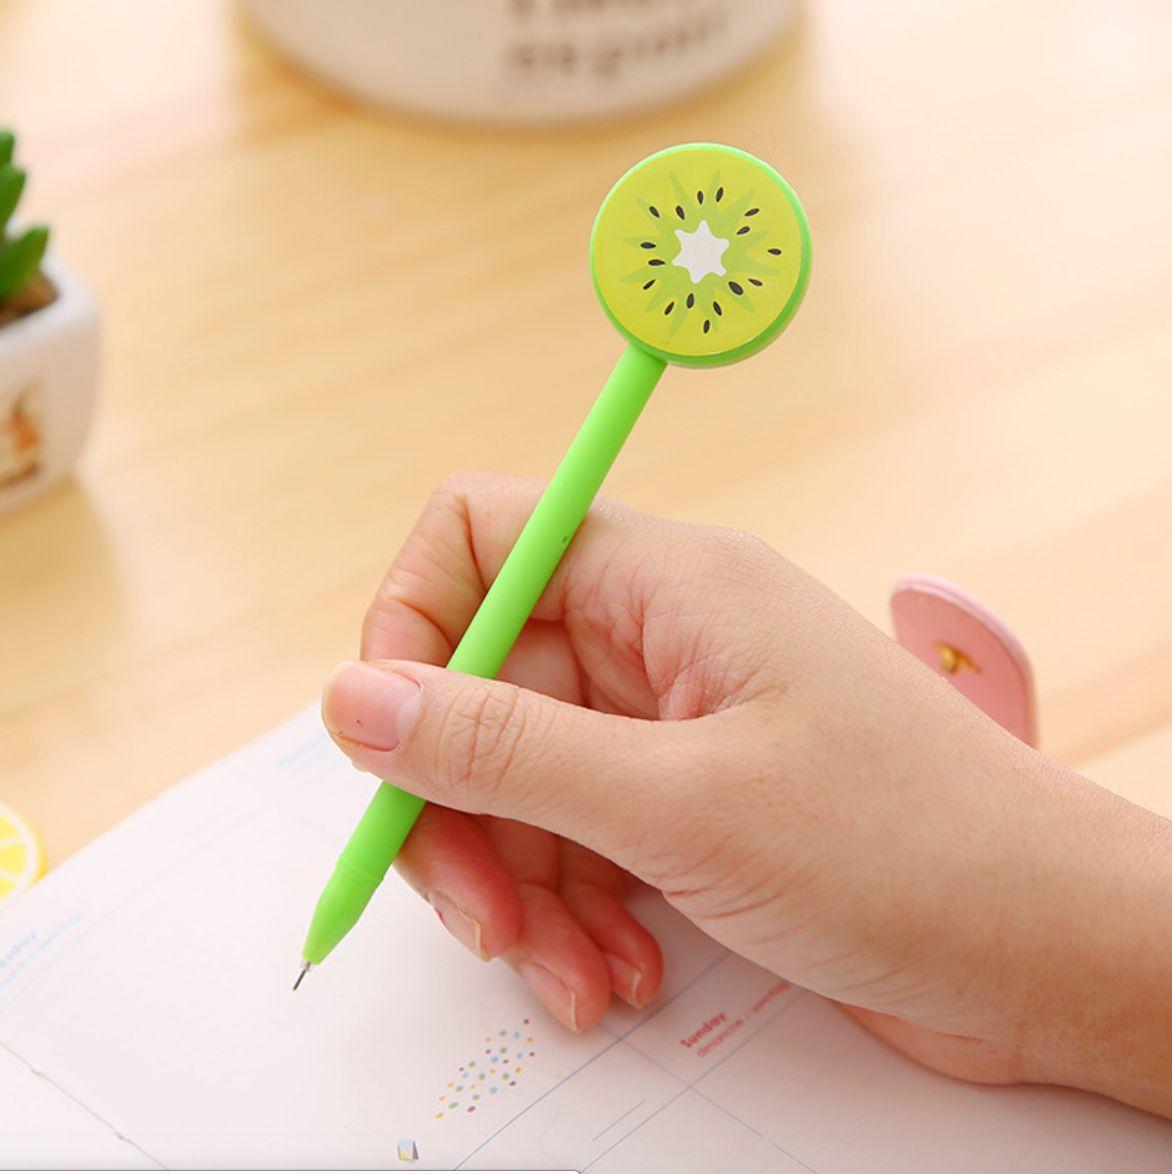 [COMBO 3 Chiếc] Bút Bi Viết Tạo Hình Hoa Quả Độc Đáo - Bút Bi Nước Văn Phòng Mực Đen